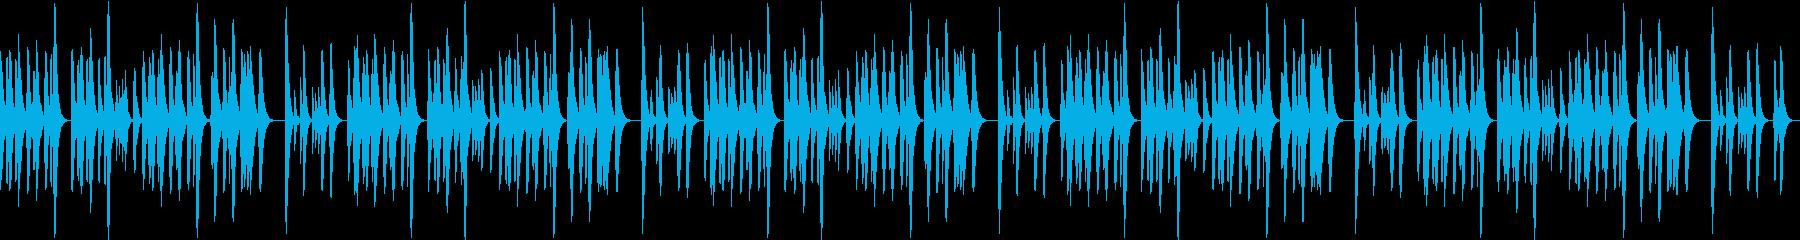 まったりほのぼの和風マリンバの再生済みの波形